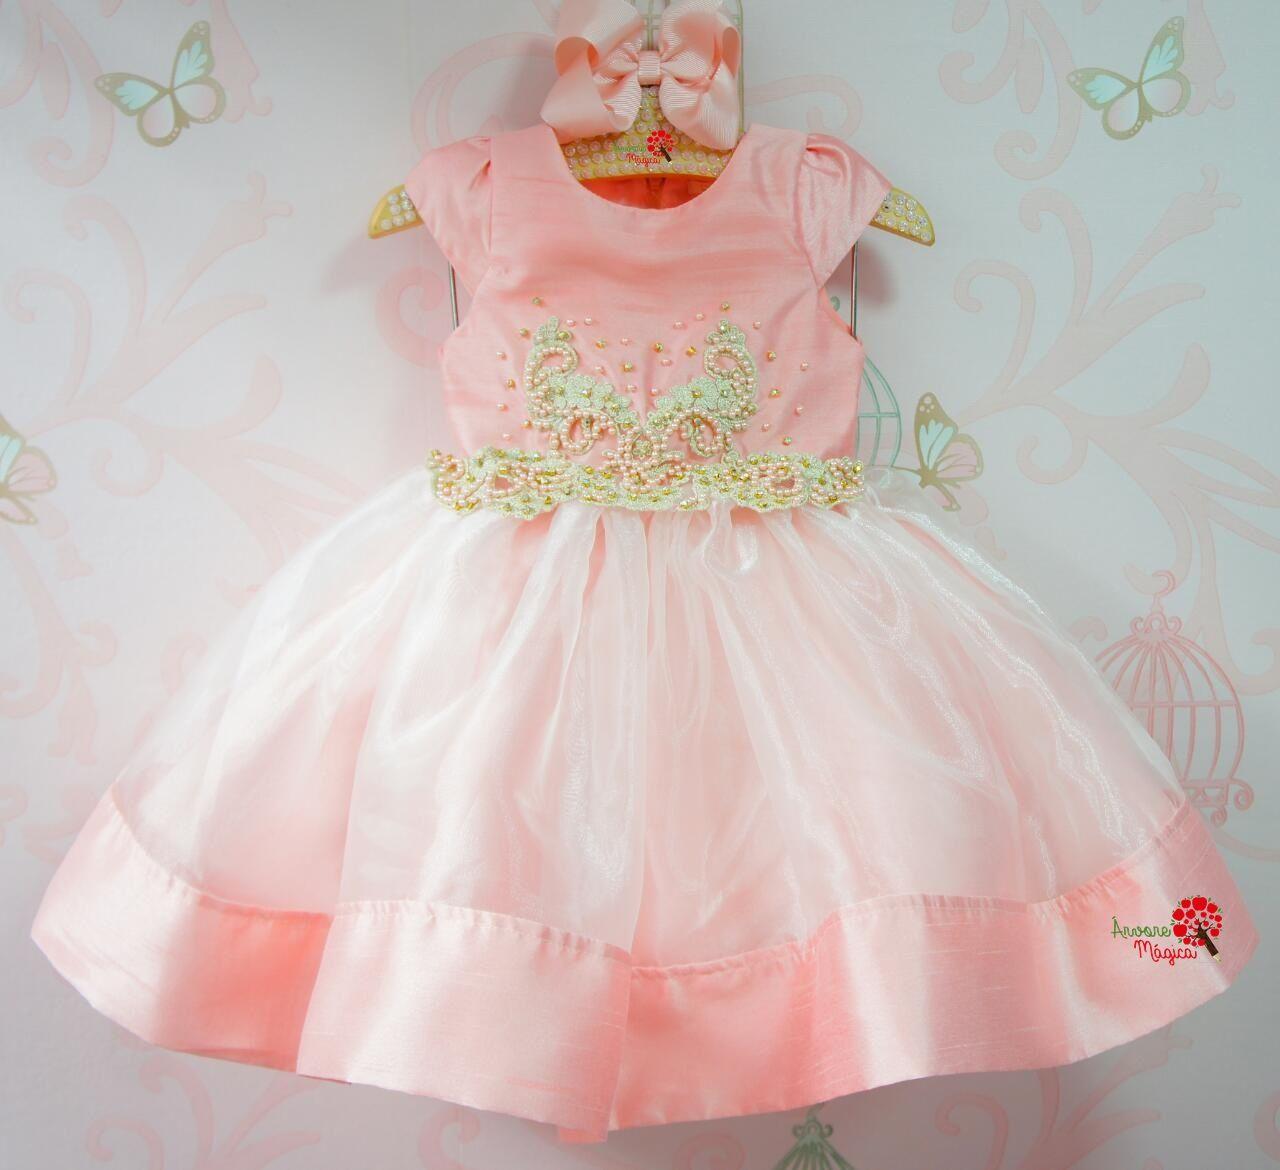 df011545d4 Vestido de Festa Infantil Baile Real Petit Cherie